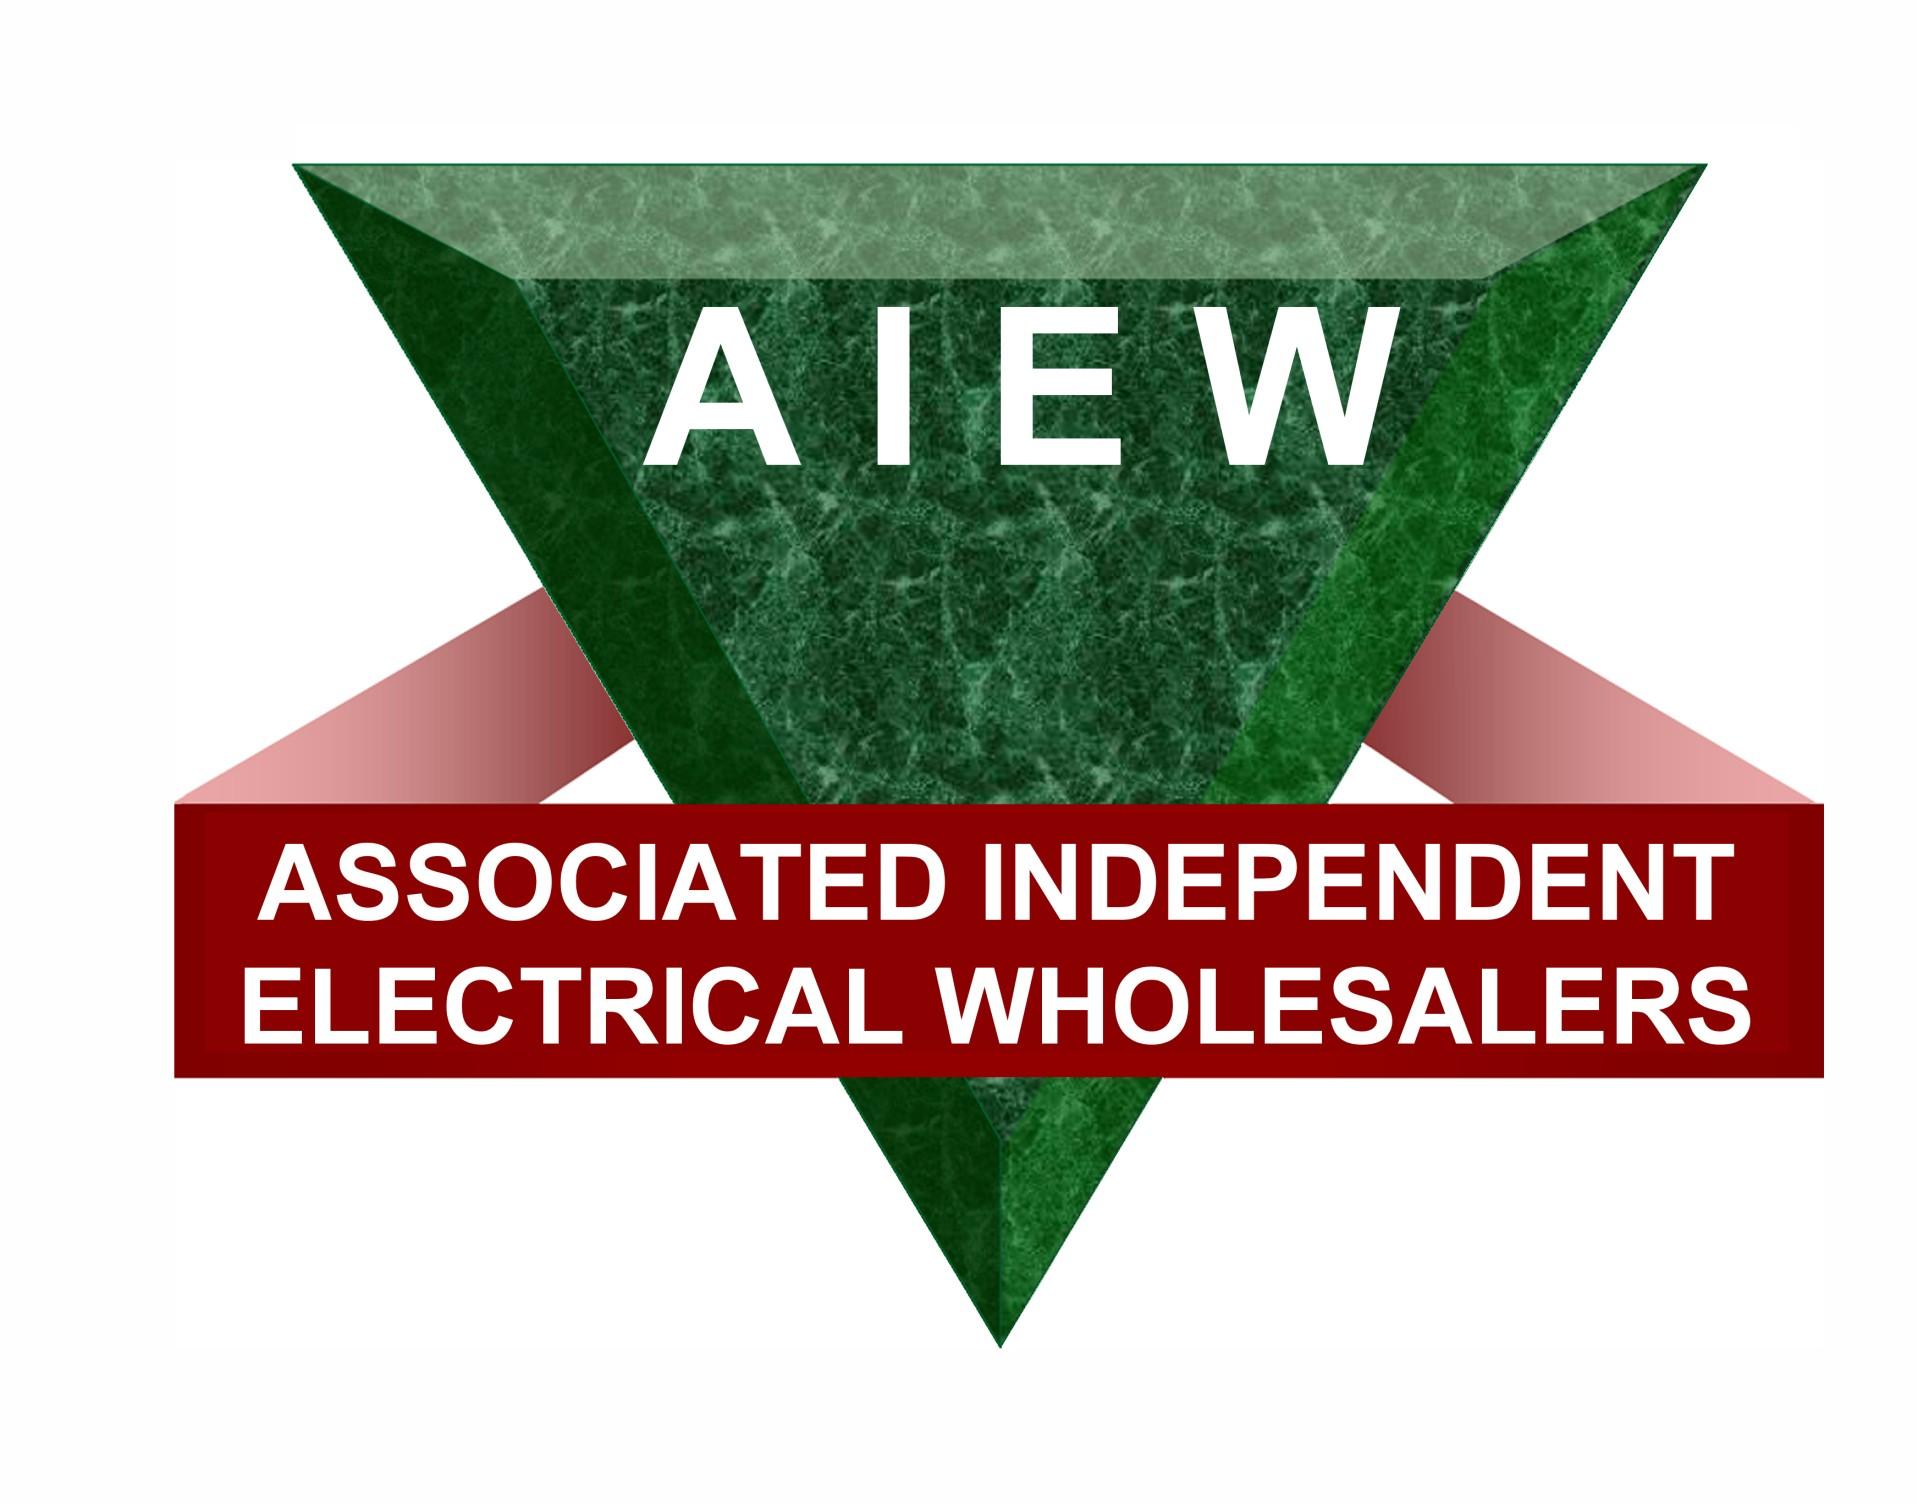 AIEW Trade Show 2016